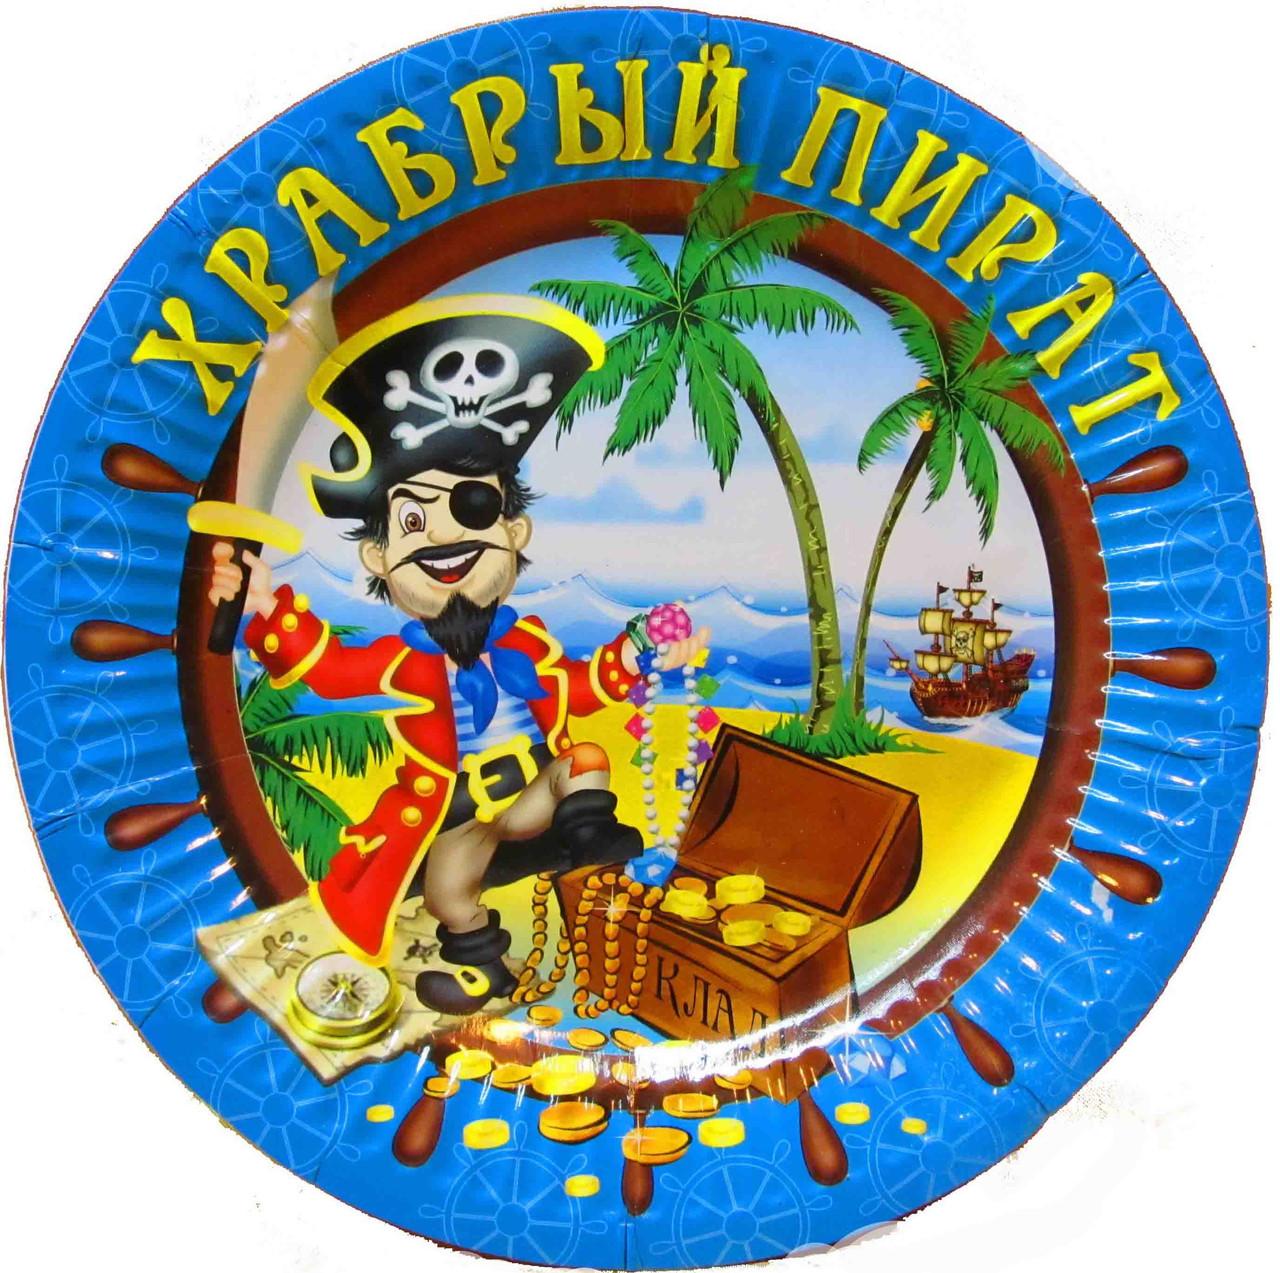 """Тарелки бумажные """"Храбрый пират"""".Размер: 18см. В упак:10шт"""